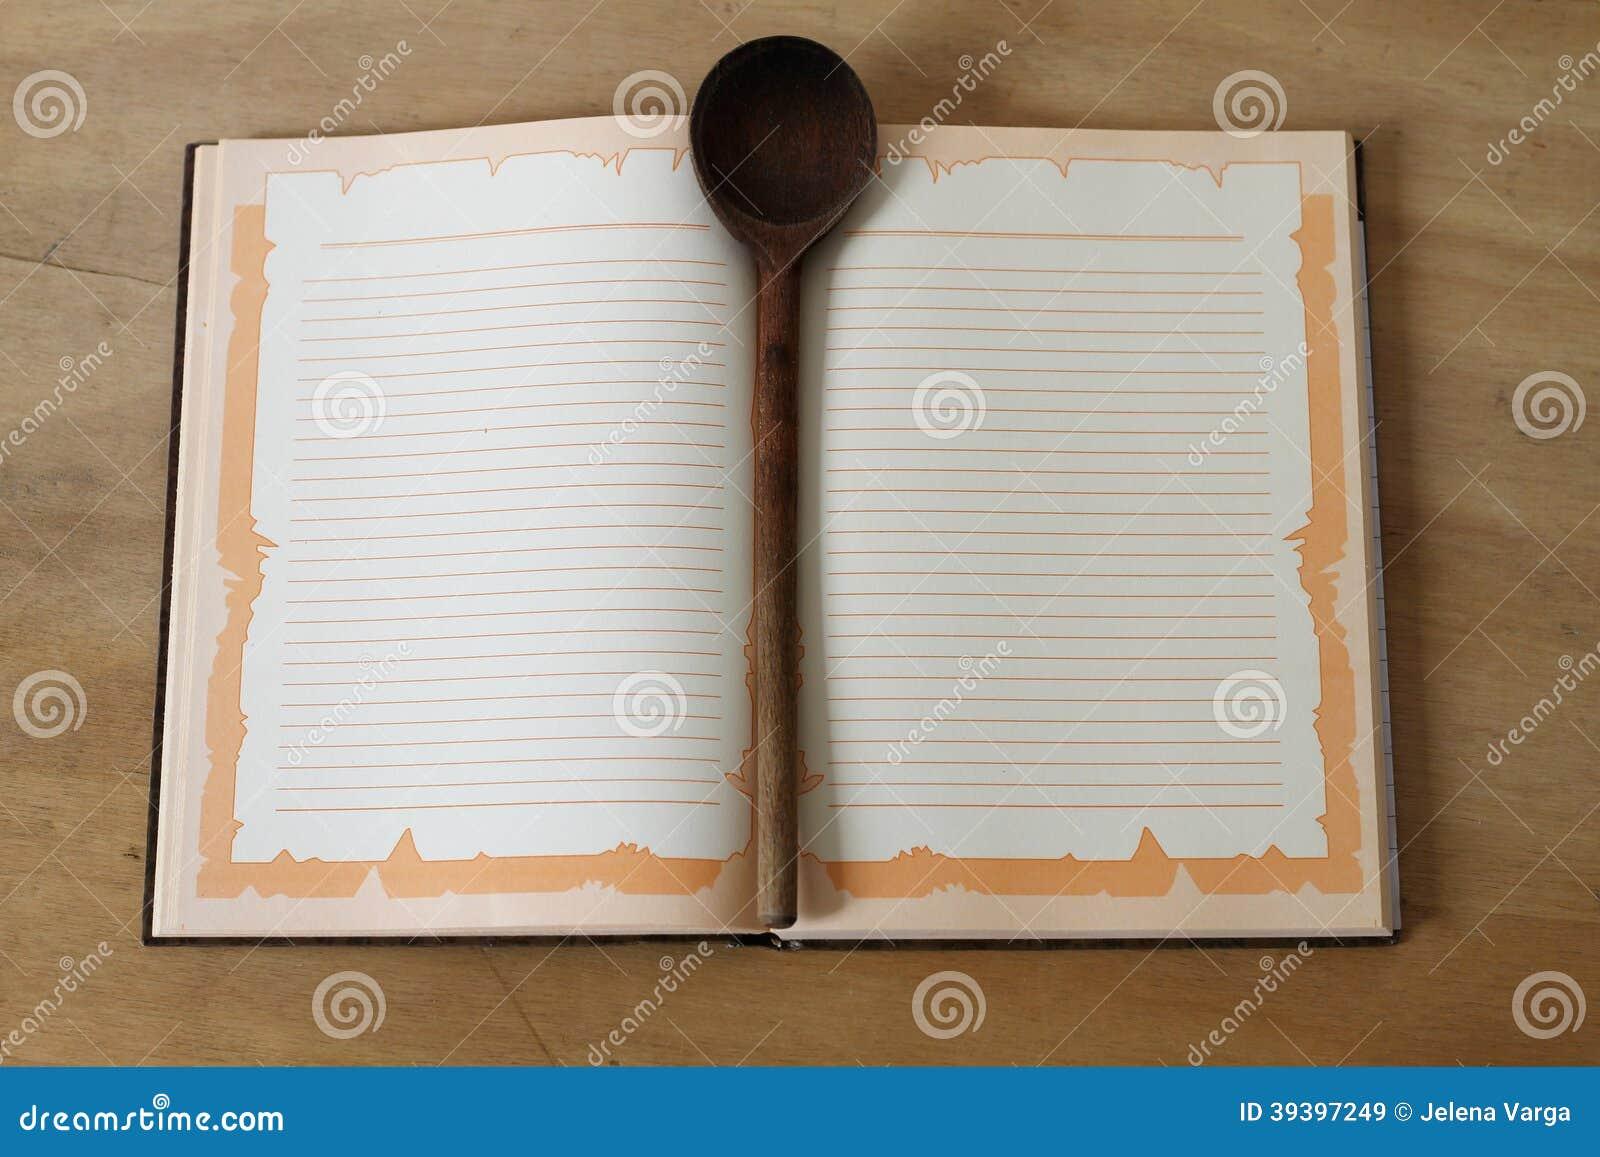 食谱的笔记本